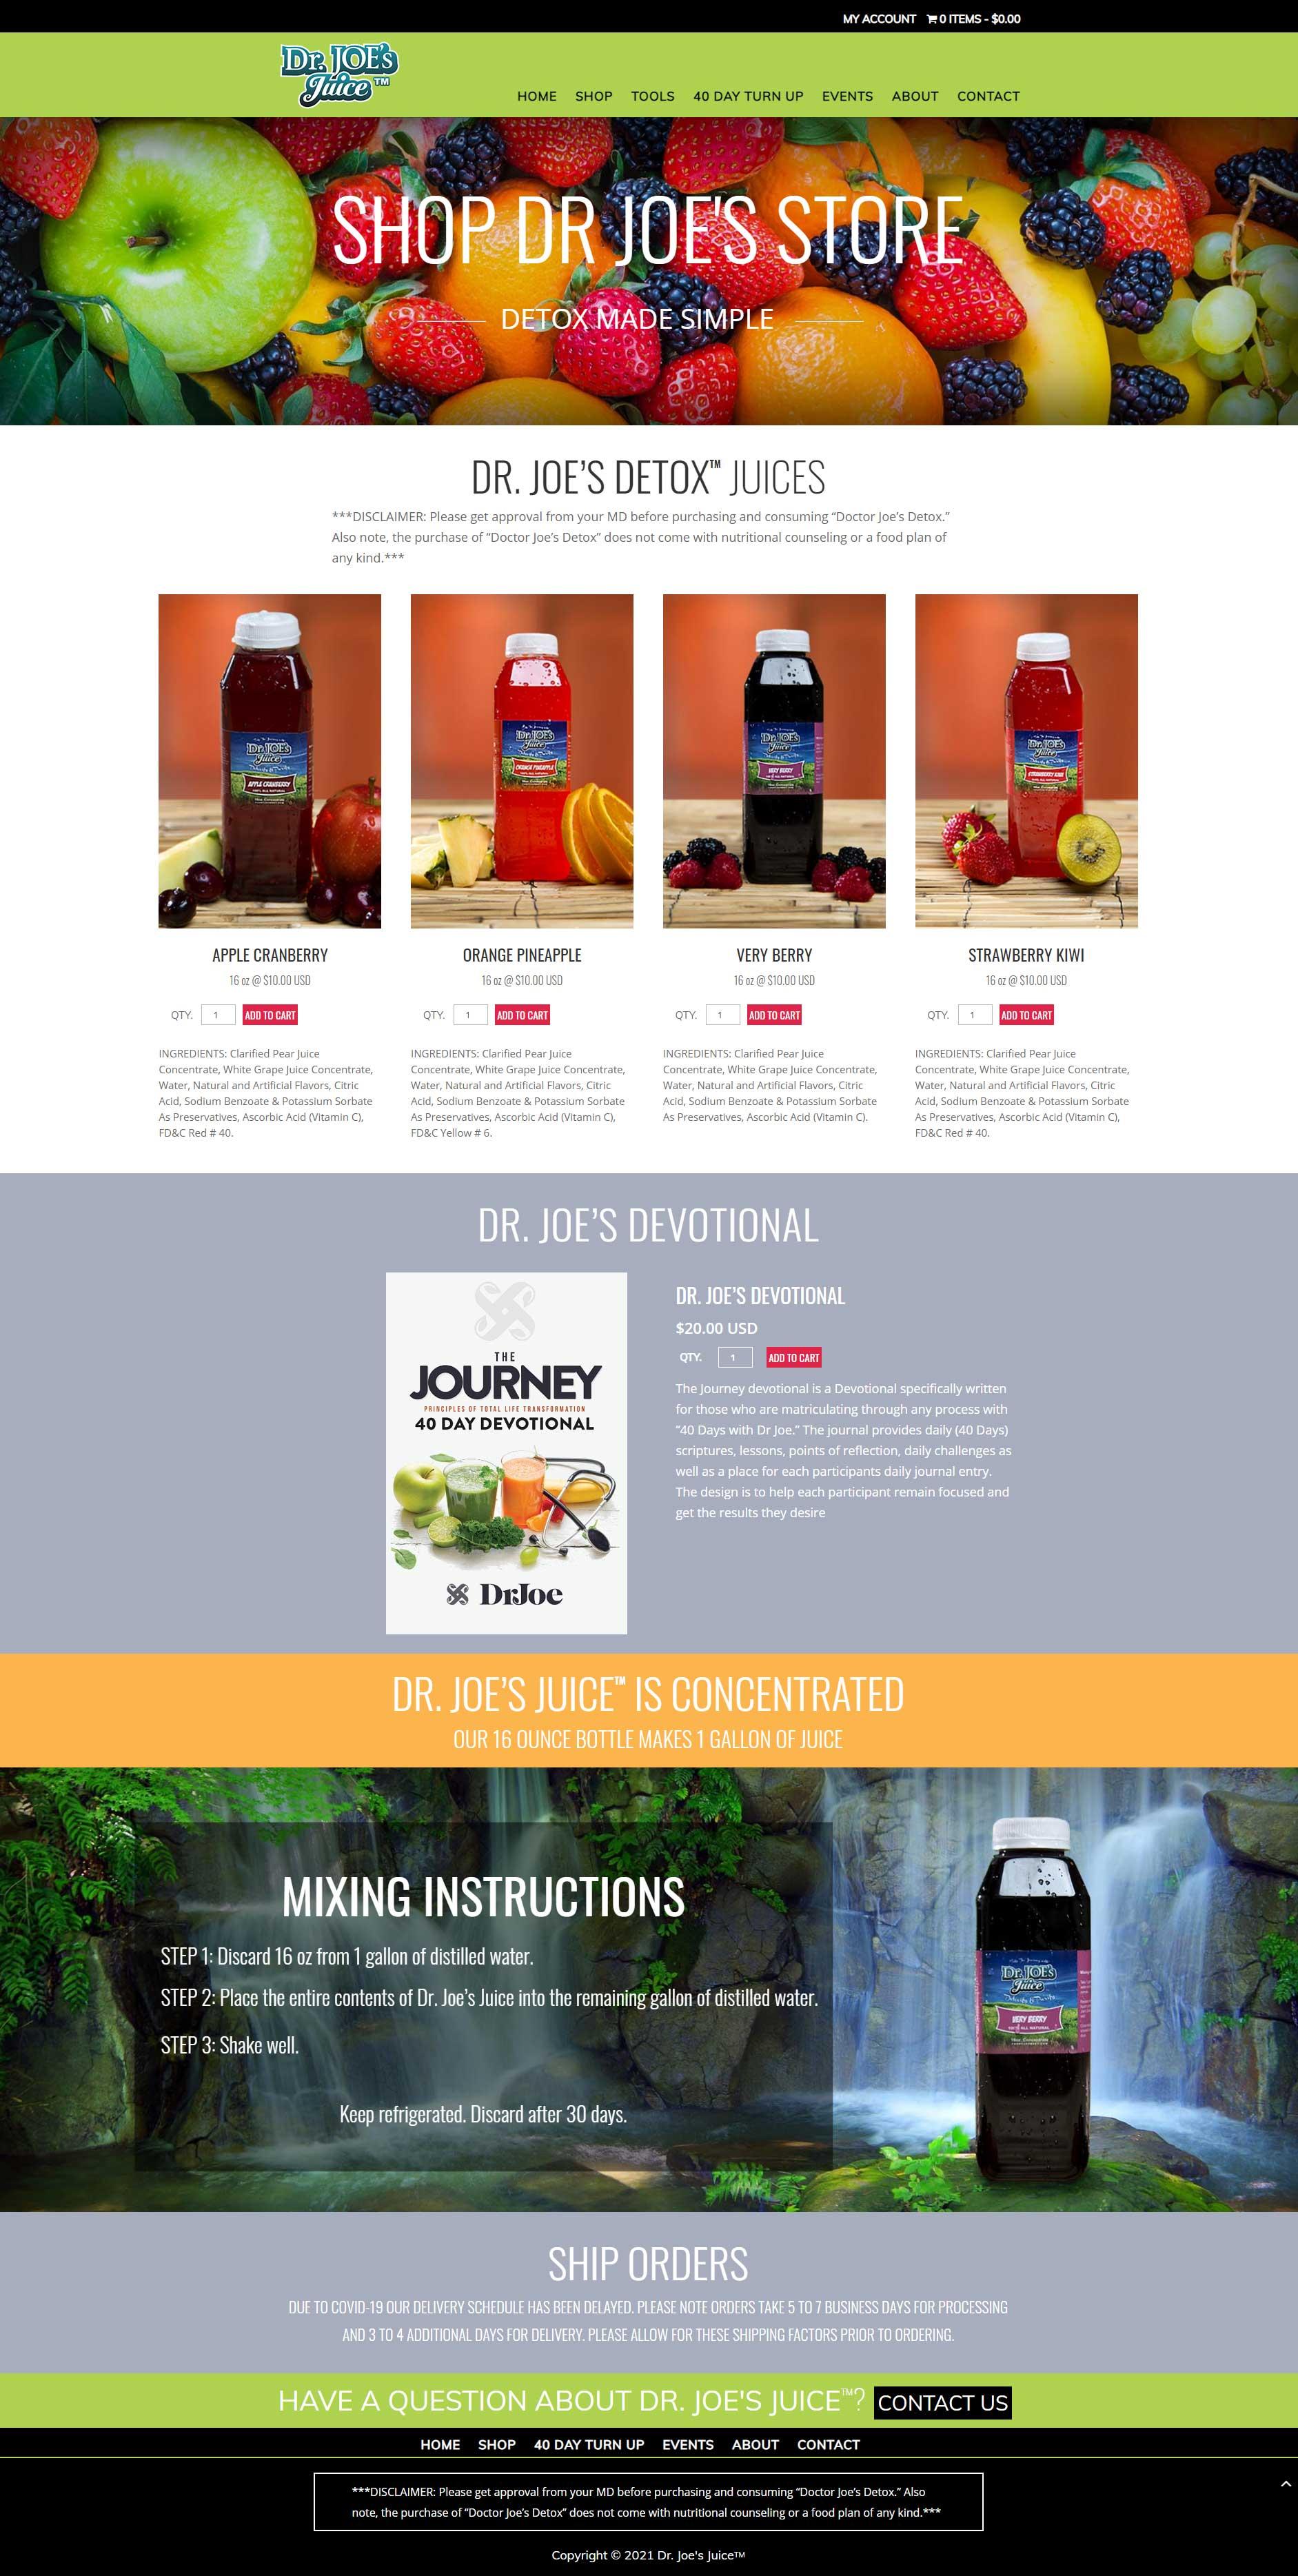 doctorjoesdetox-juice-wordpress-design-home